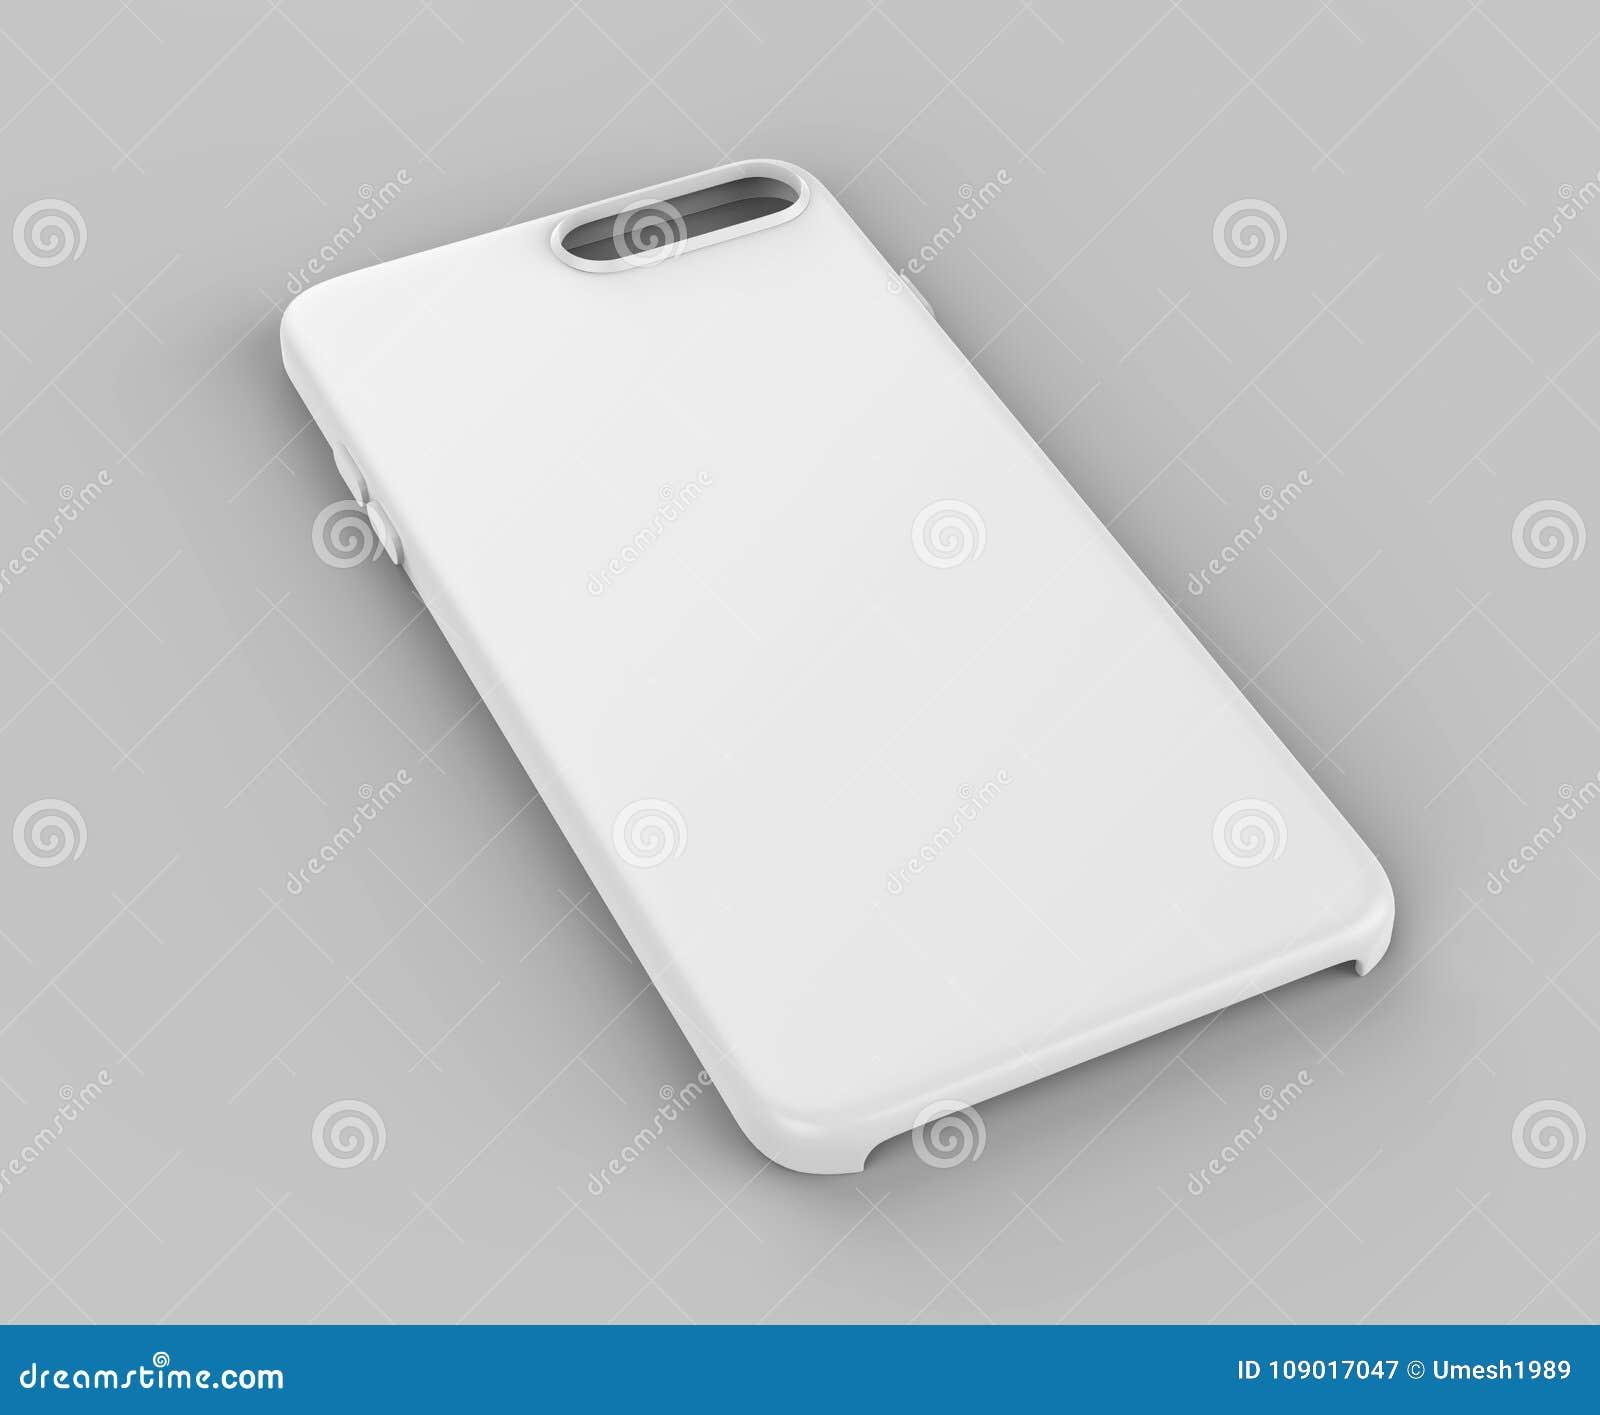 Leeg Wit Slim Telefoon Mobiel Rugdekking Of Geval Voor De Spot Van